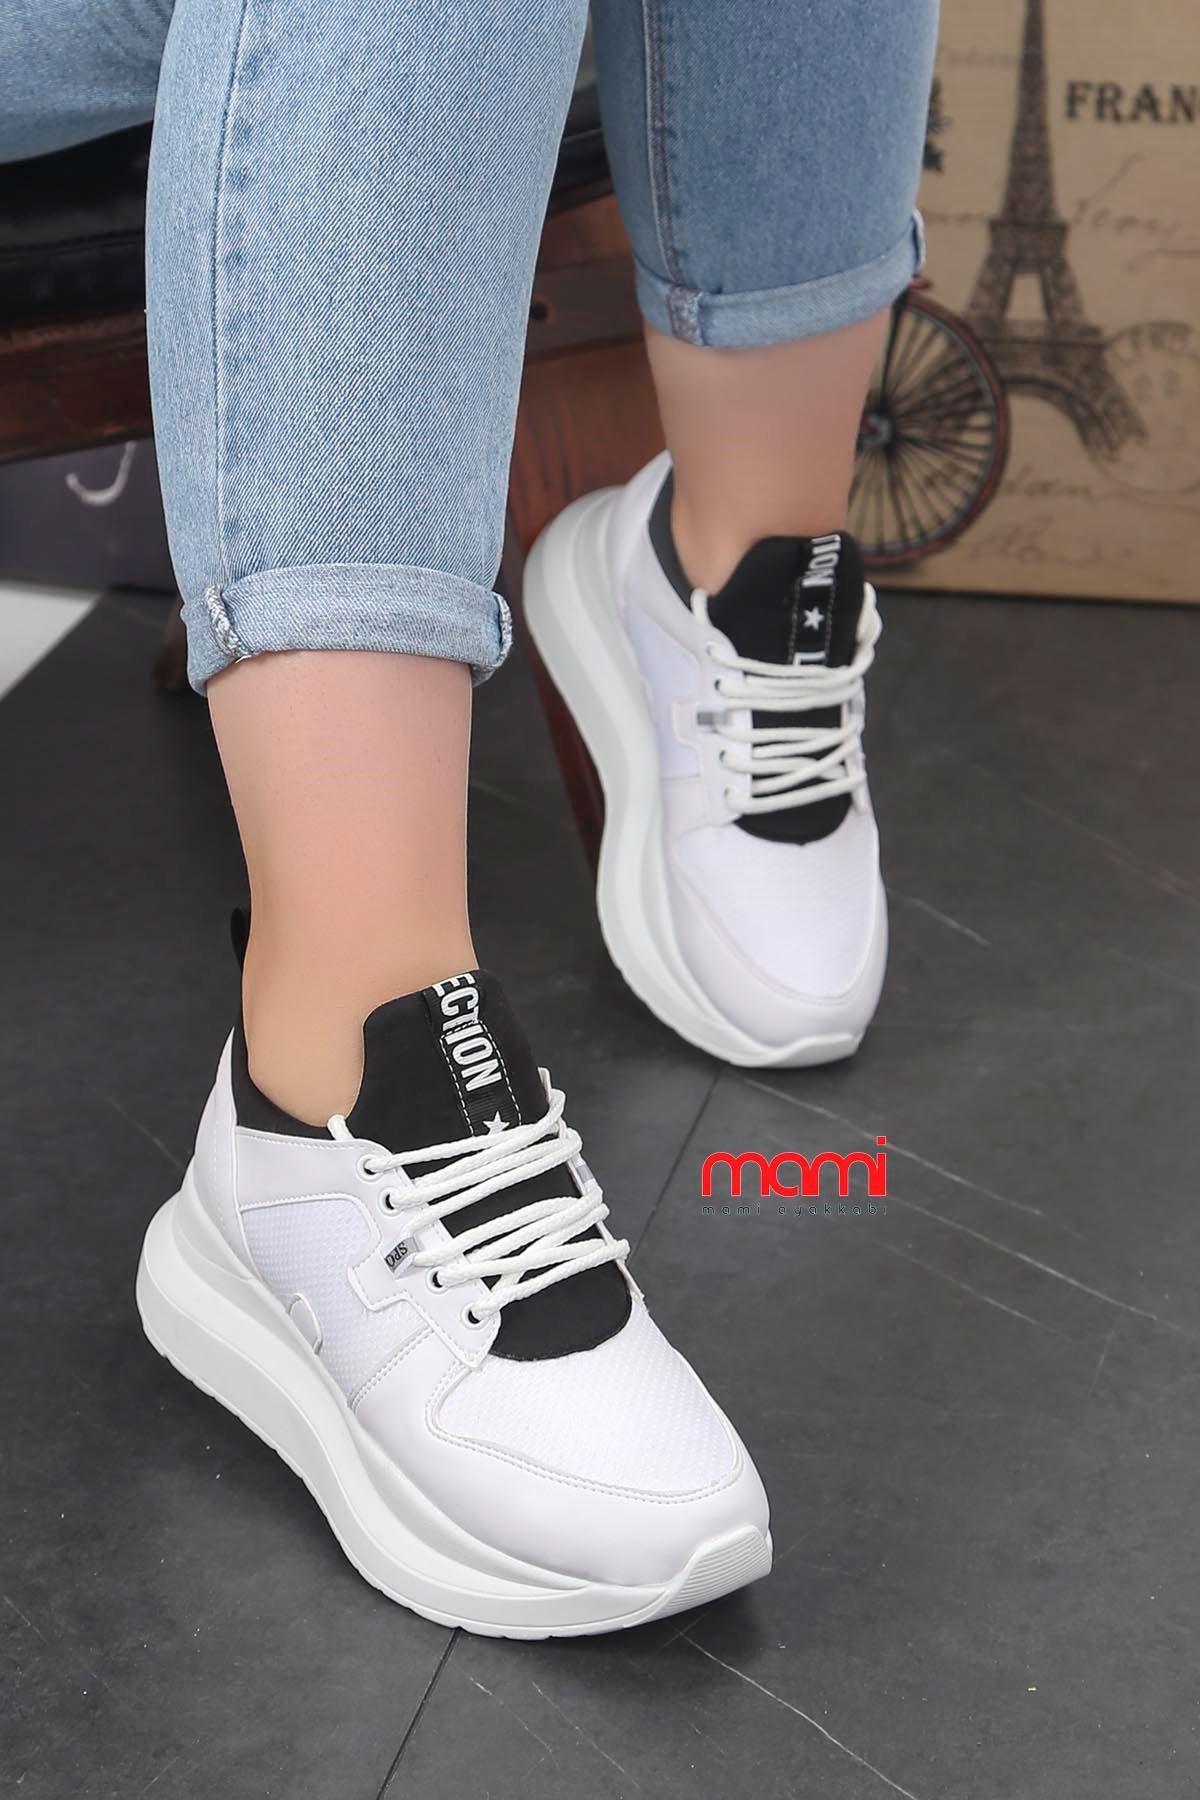 Frm-6557 Dolgu Taban Spor Ayakkabı Beyaz